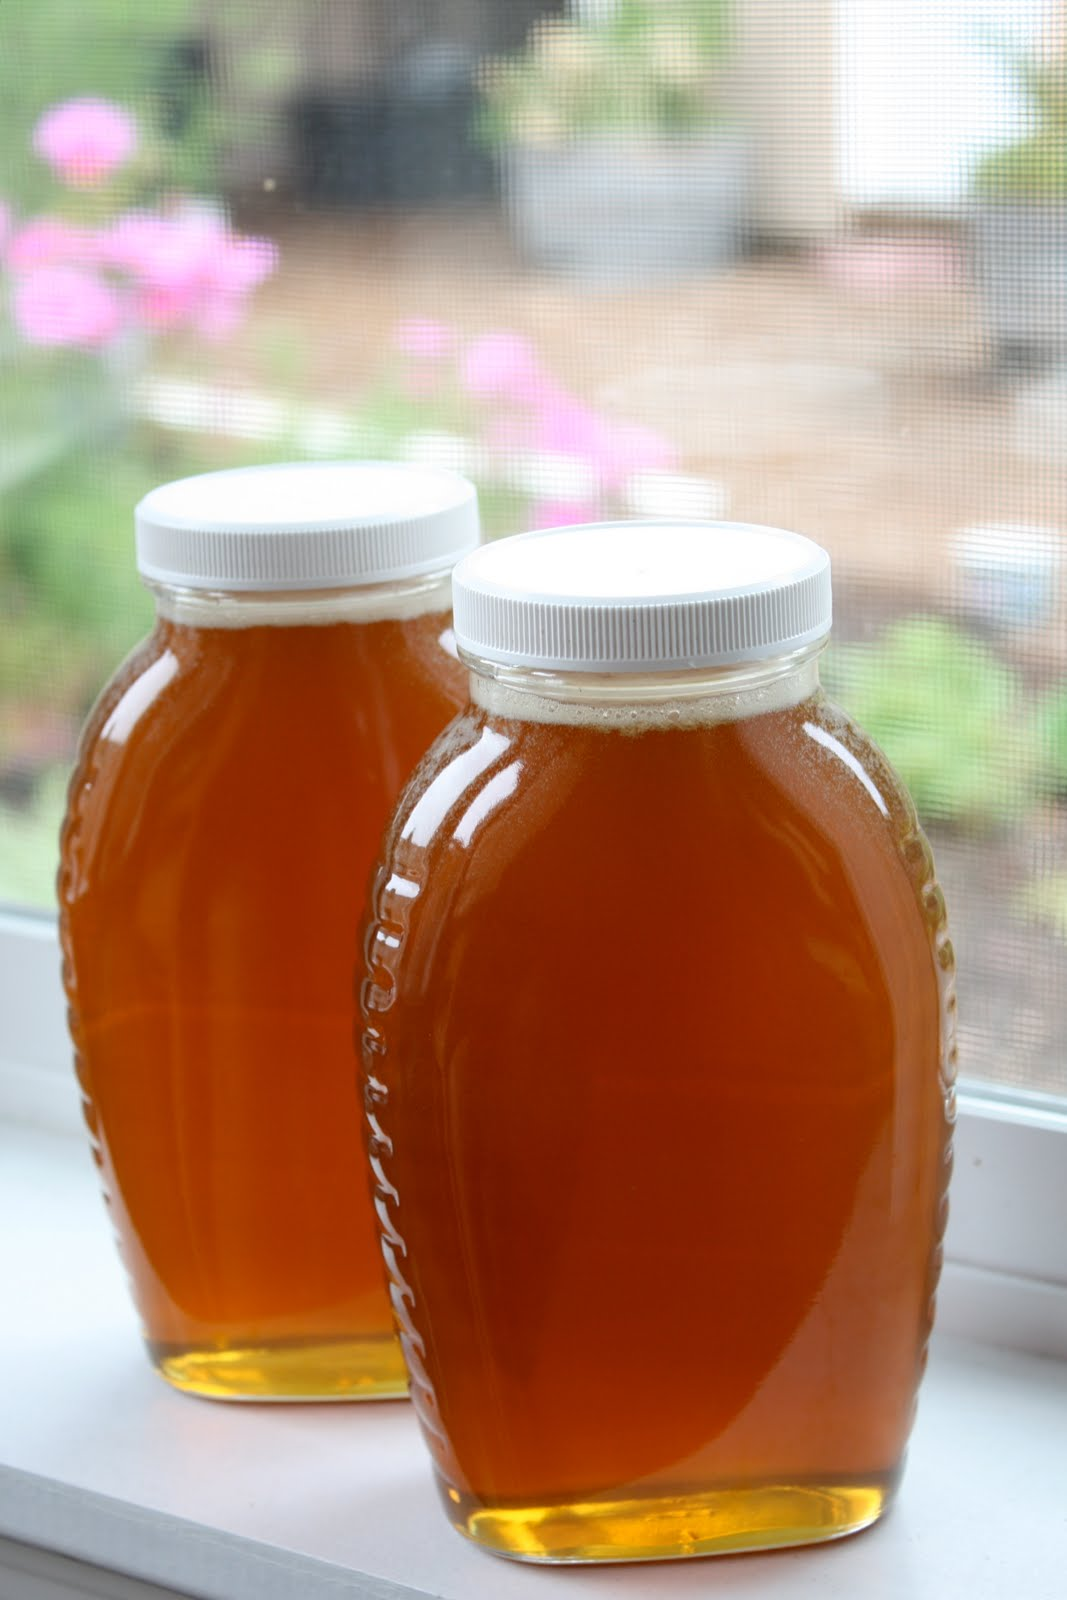 Lick jar honey